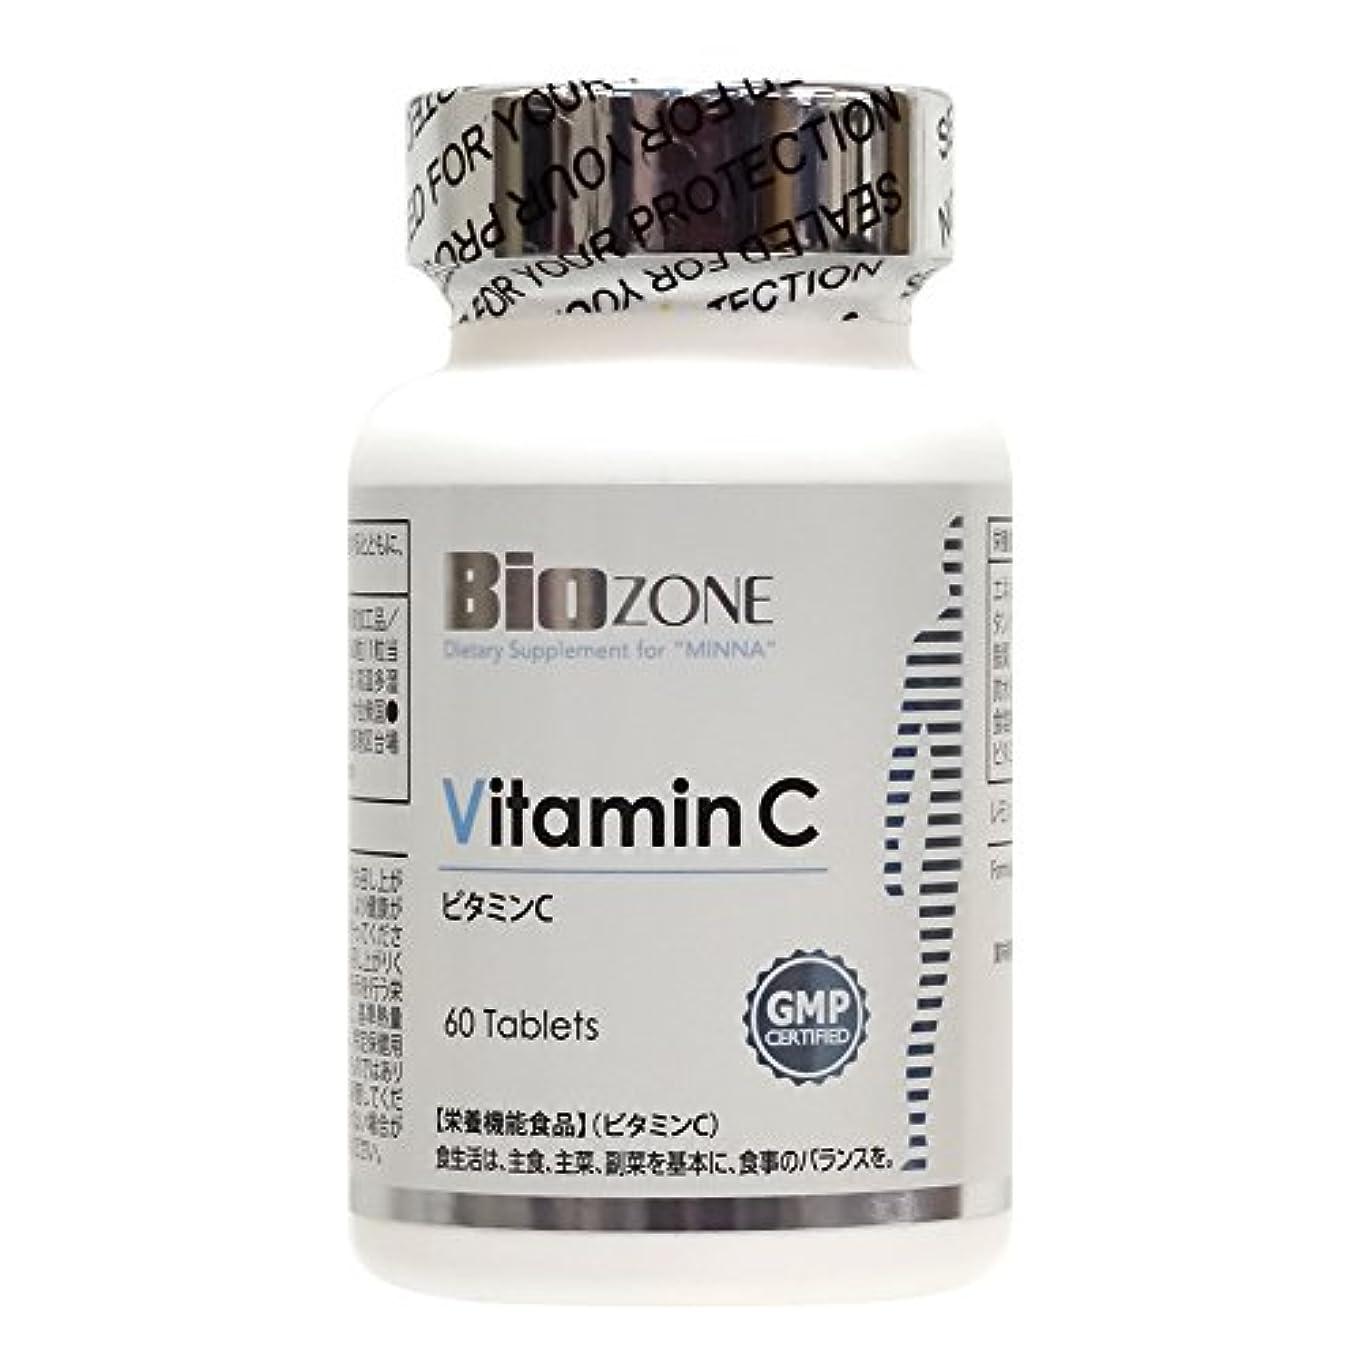 神経障害幽霊責めるダグラスラボラトリーズ バイオゾーン(BioZONE) サプリメント ビタミンC 60粒 30日分